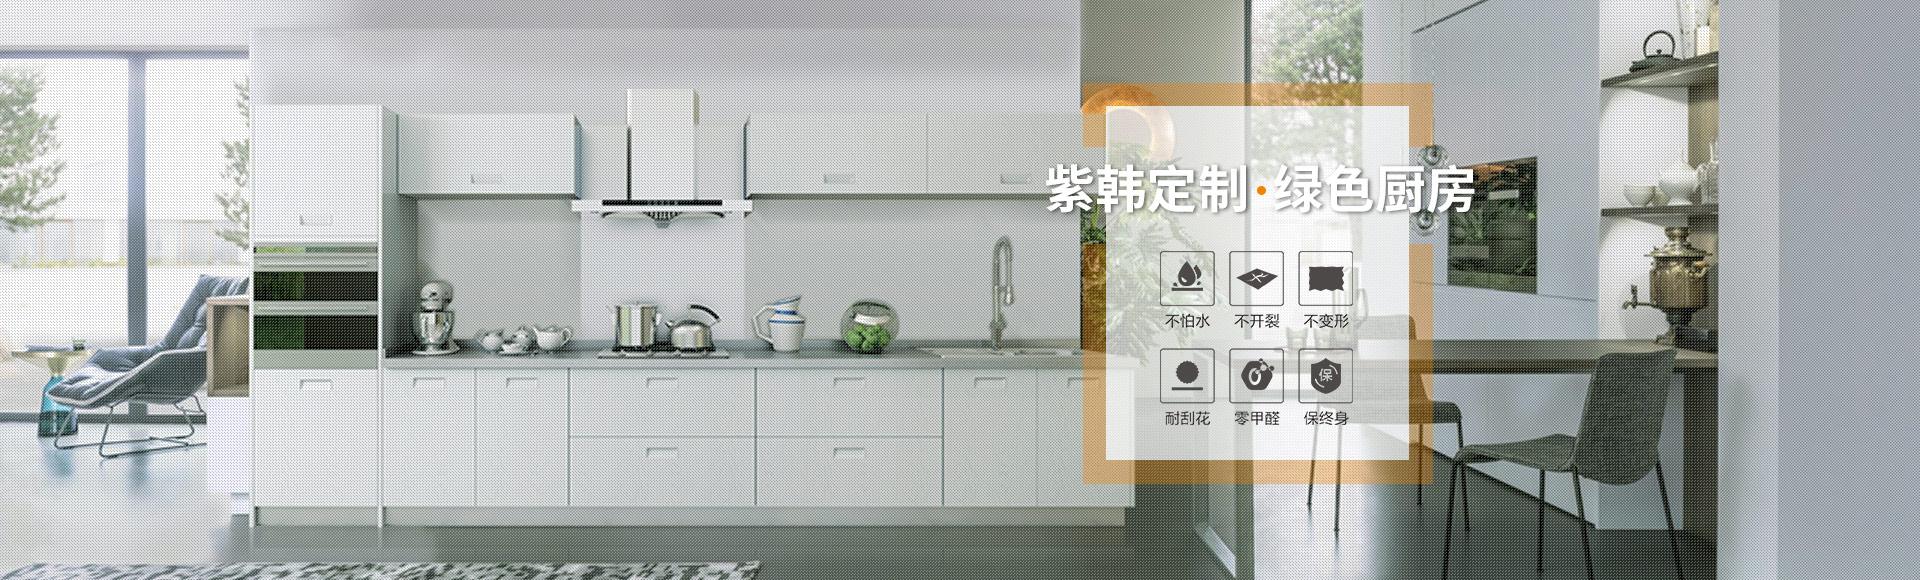 定制绿色厨房,就选紫韩不锈钢橱柜